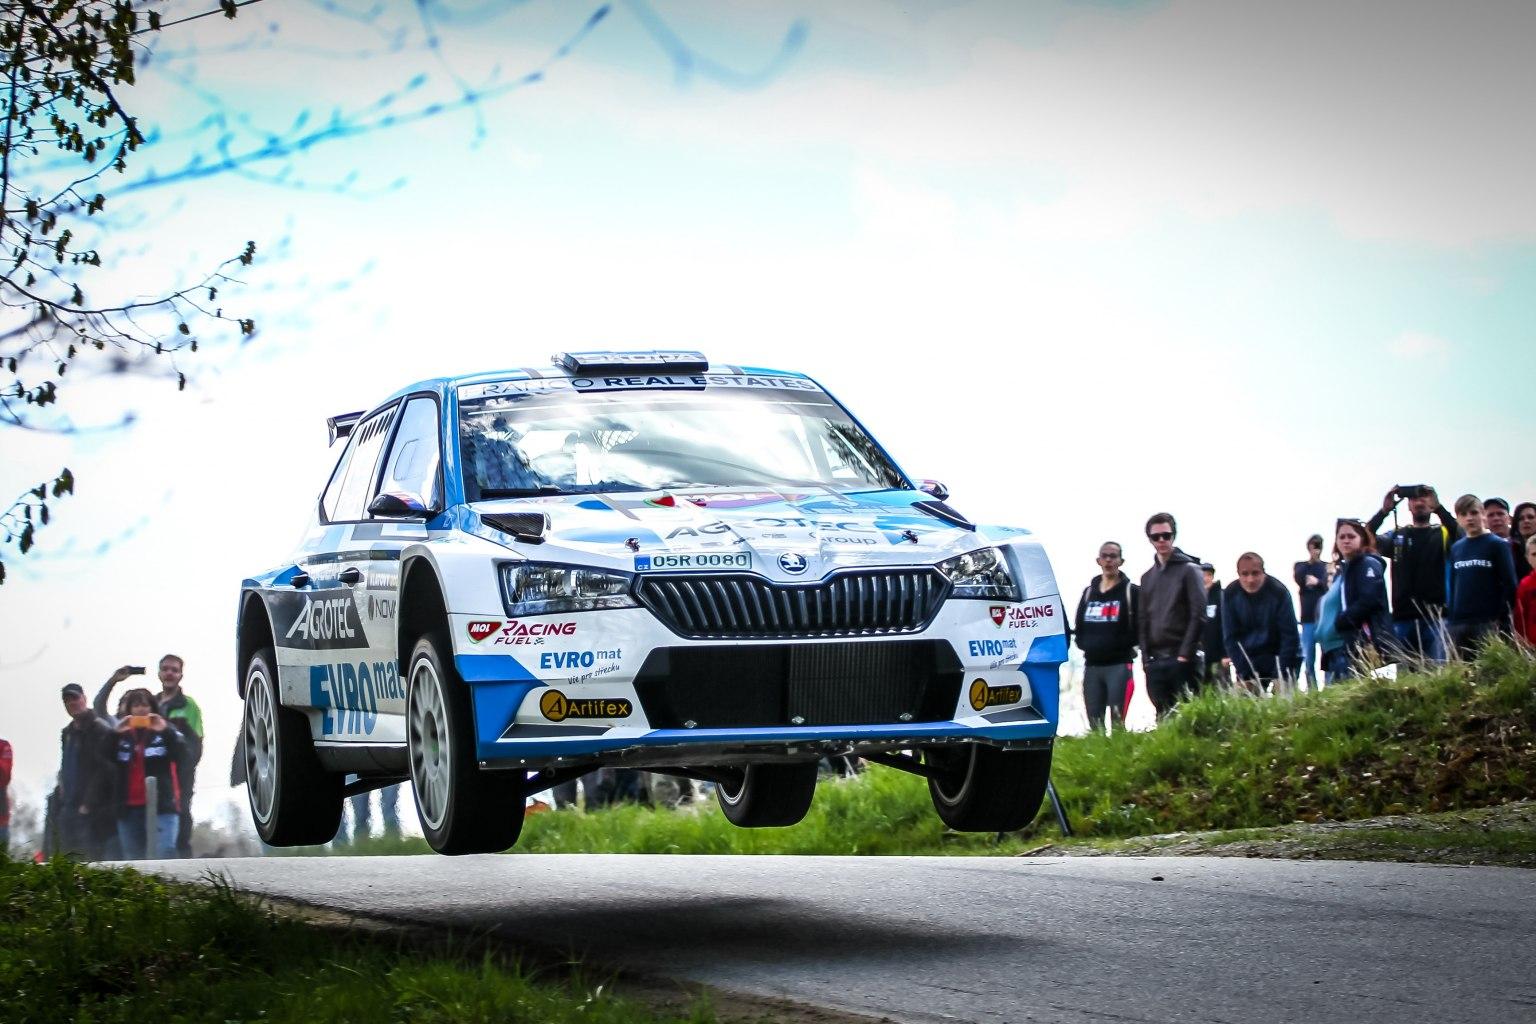 Jan-Kopecky_SKODA-Agrotec-rally-team-1-1536x1024